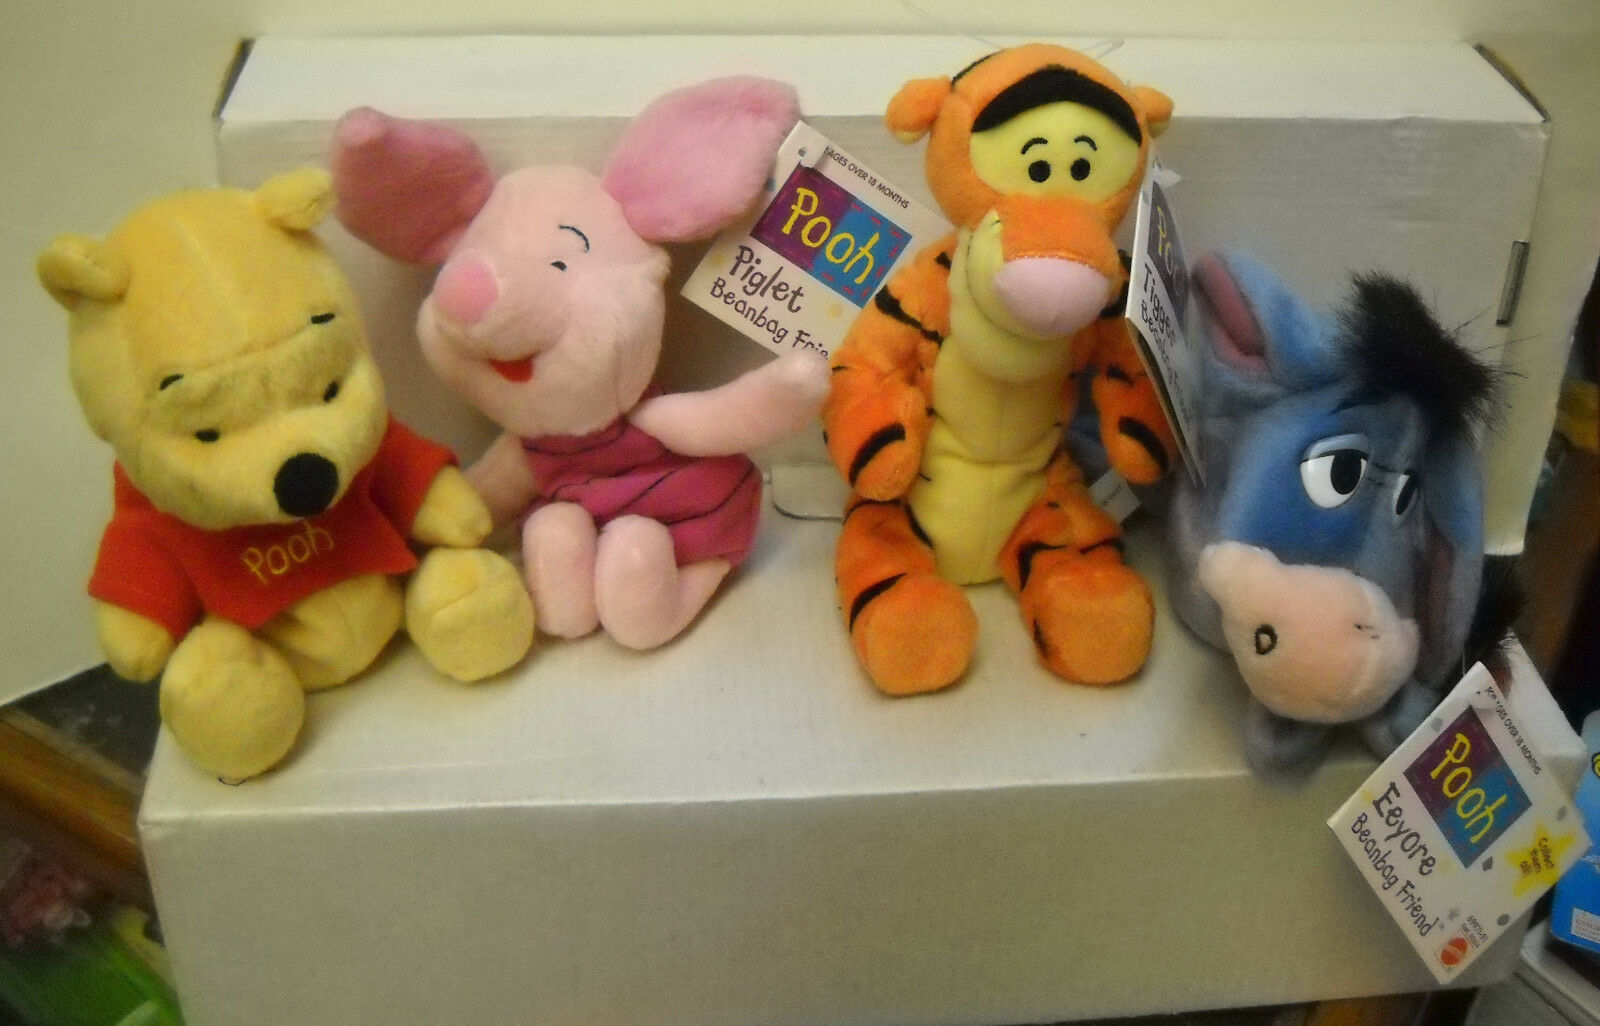 7559 Mattel Winnie The Pooh 4-Pooh & Friends Puf amigos